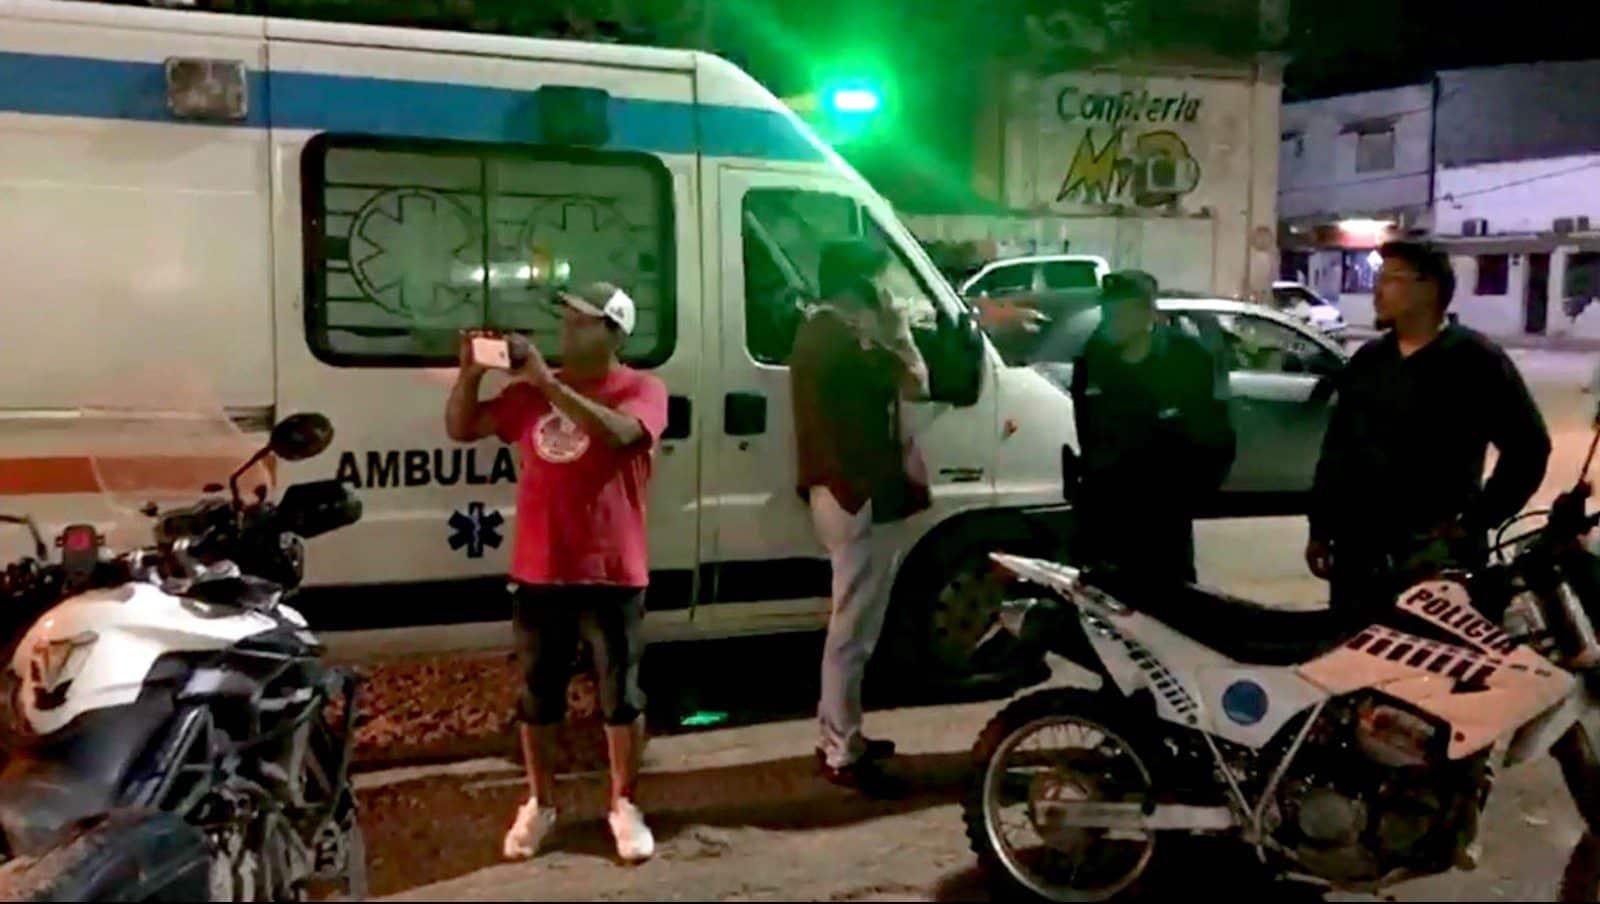 Grupo de motociclistas foi surpreendido pela polícia argentina assim que chegou a hotel na província de Salta — Foto: Arquivo pessoal